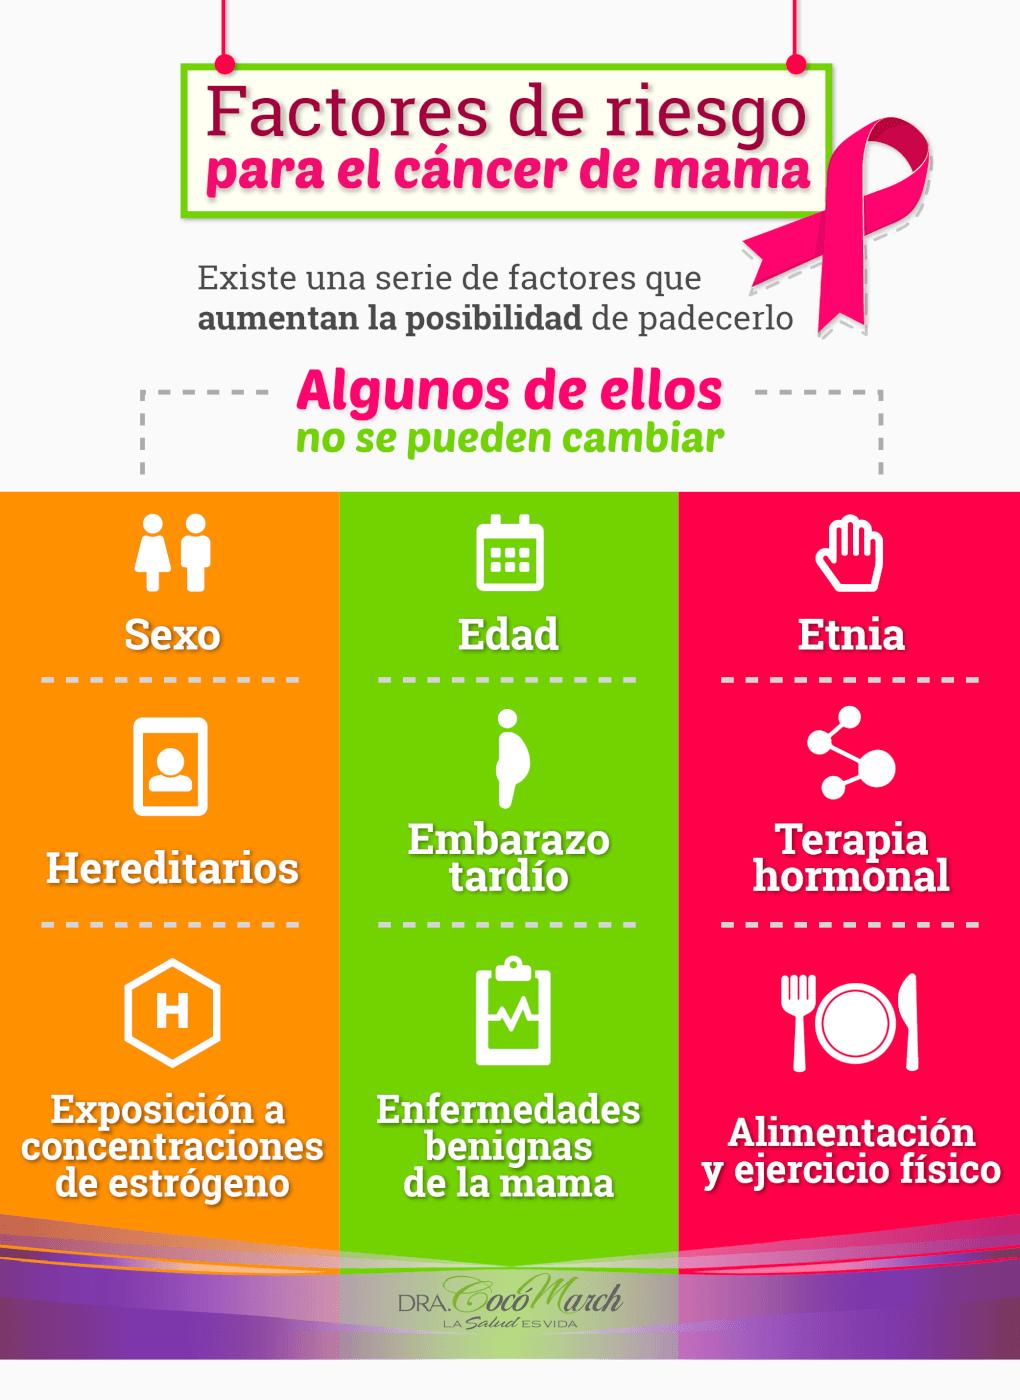 factores-cáncer-de-mama